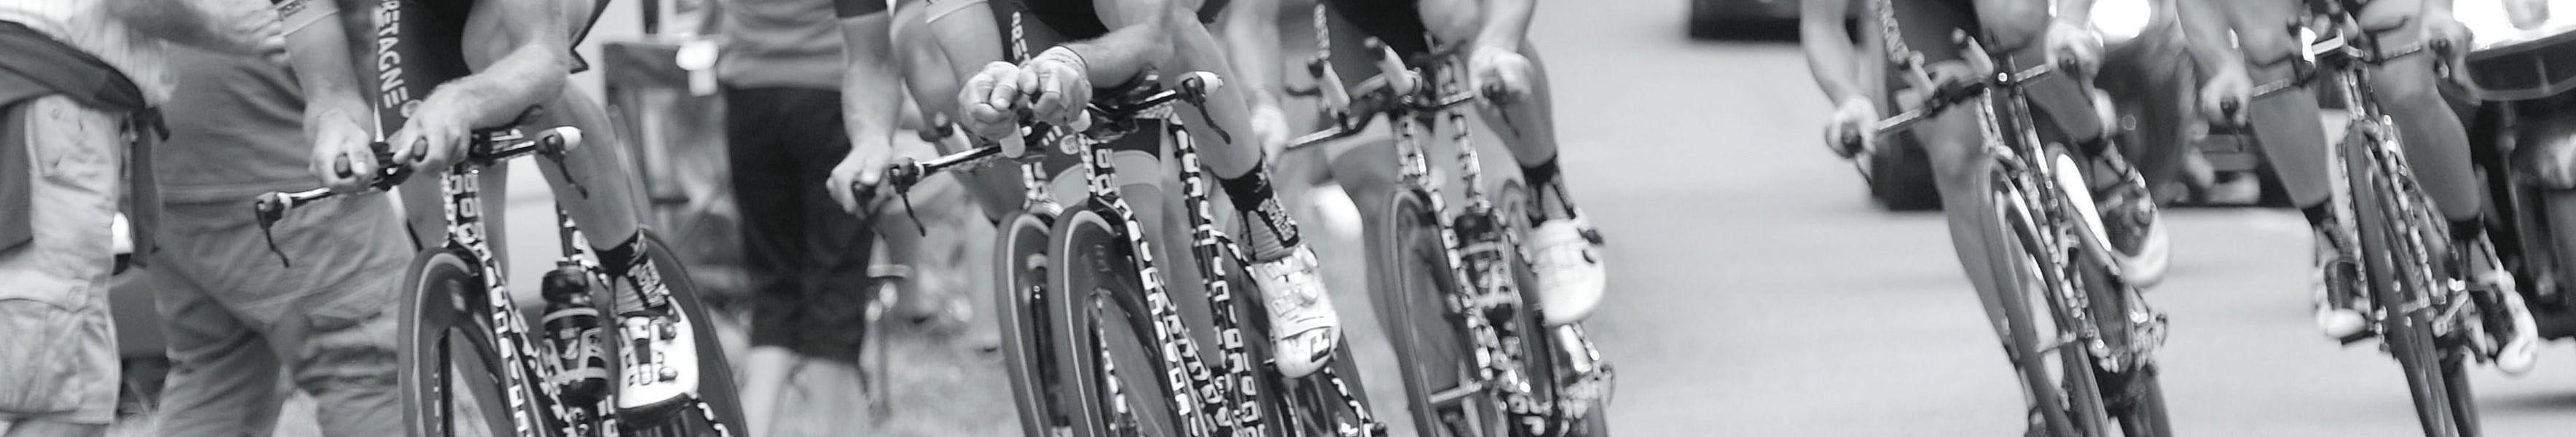 Challenge Reifen Tour de France